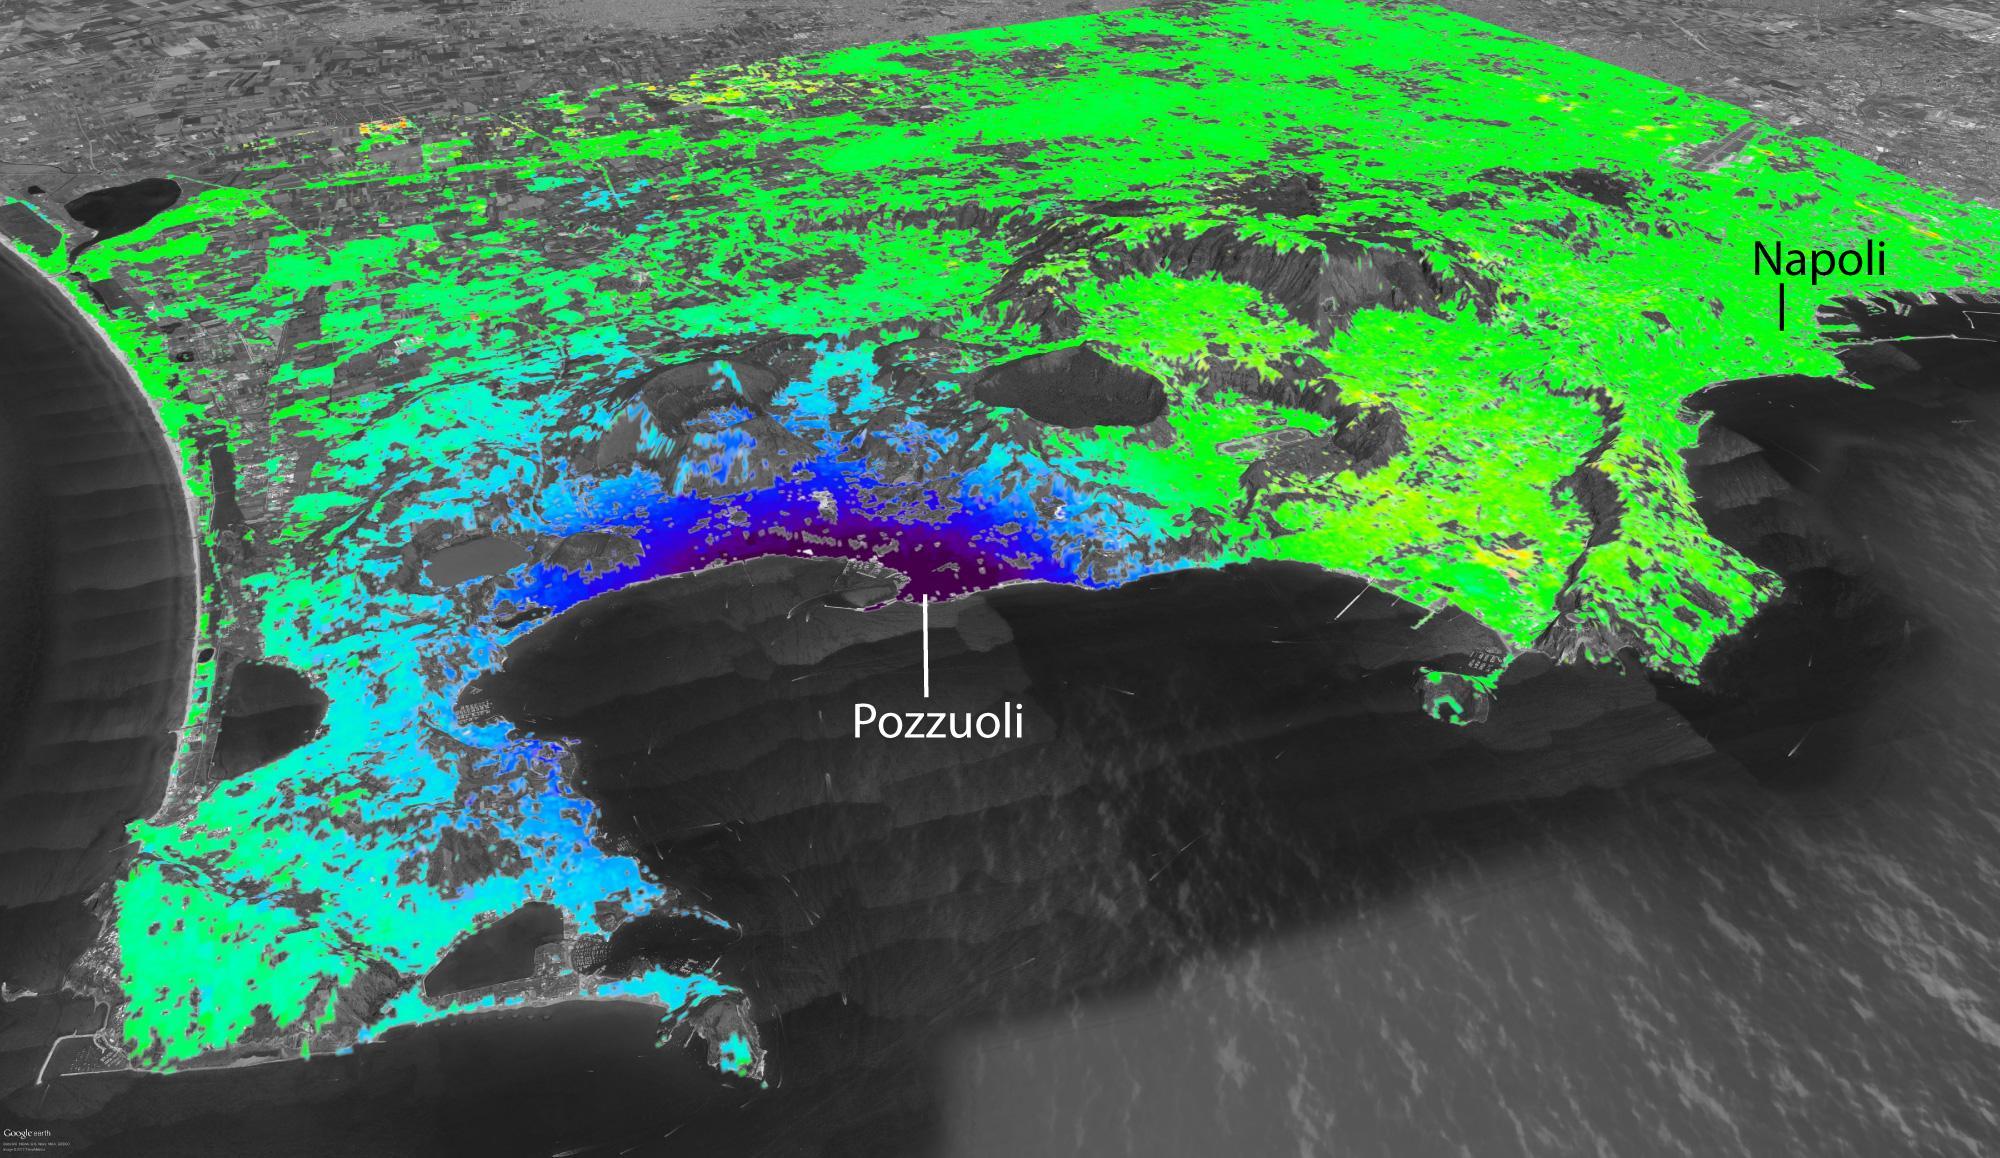 La deformazione del suolo ai Campi Flegrei vista dai satelliti Cosmo-SkyMed. La zona viola, in corrispondenza della città di Pozzuoli, è quella con il maggiore sollevamento (circa 10 cm tra il 2012 ed il 2013). Le zone verdi sono quelli in cui la deformazione è molto piccola